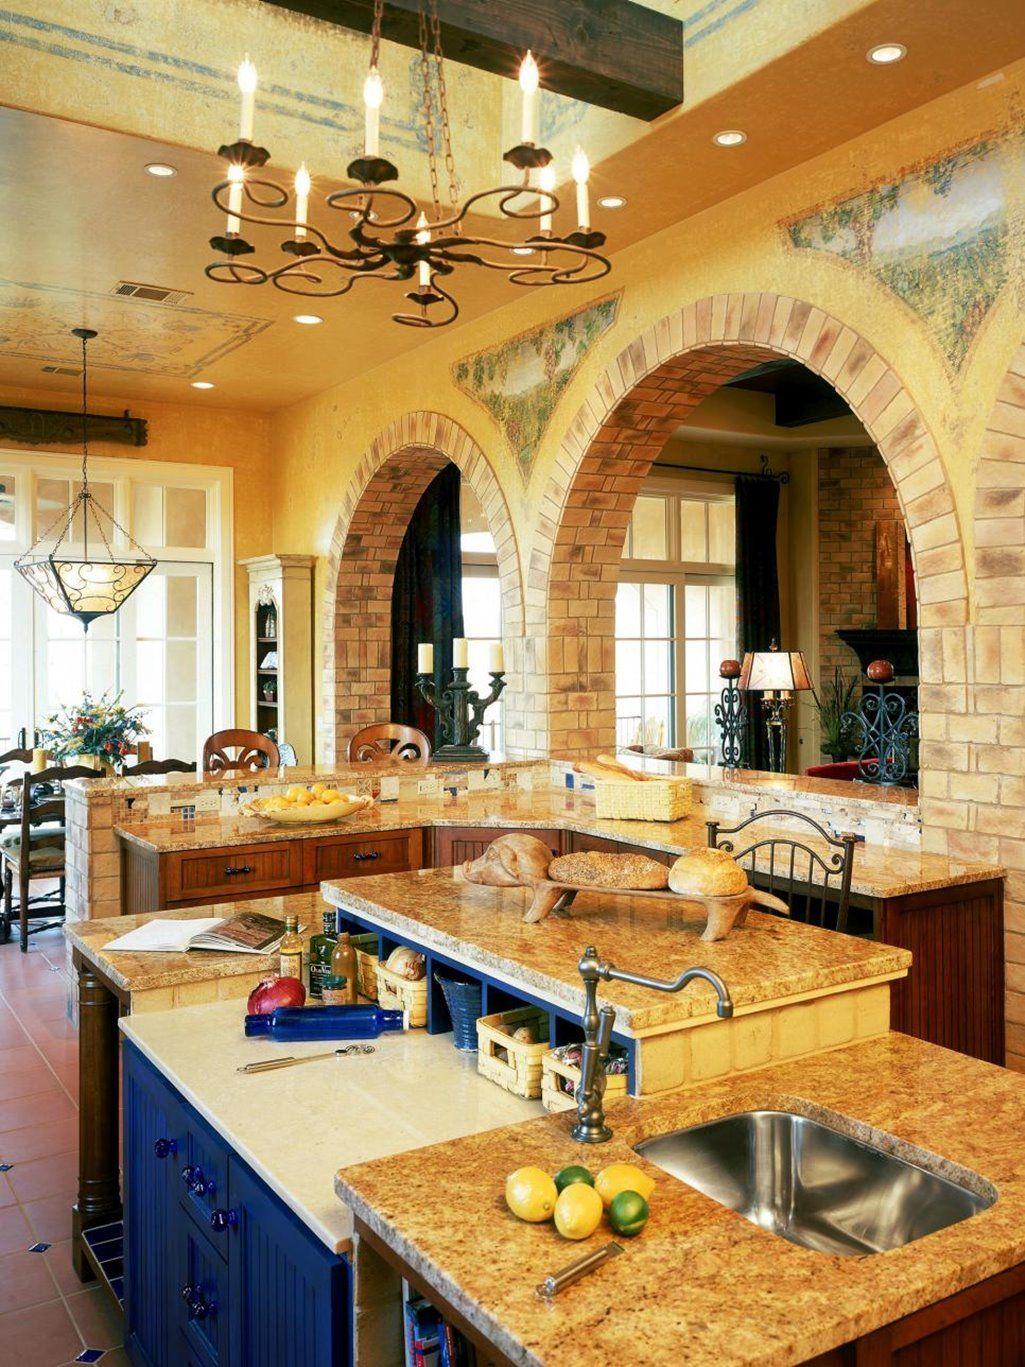 Kitchen Remodeling Rockville Md Kitchen Trash Can Ideas - Kitchen remodeling rockville md